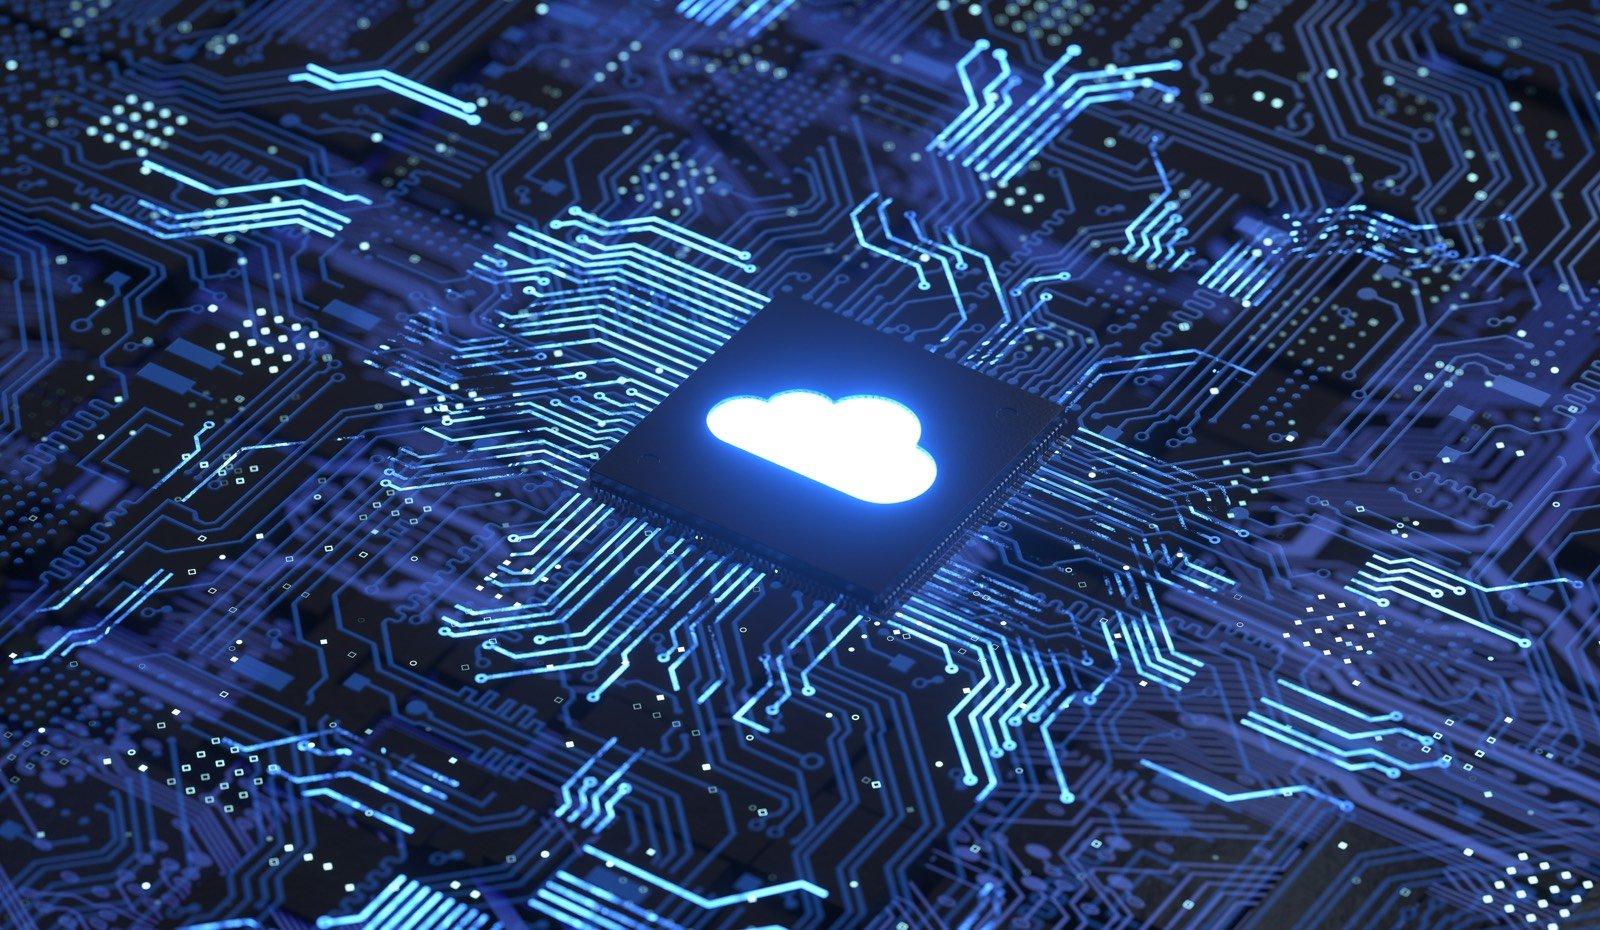 inteligencia artificial y comunicaciones en la nube